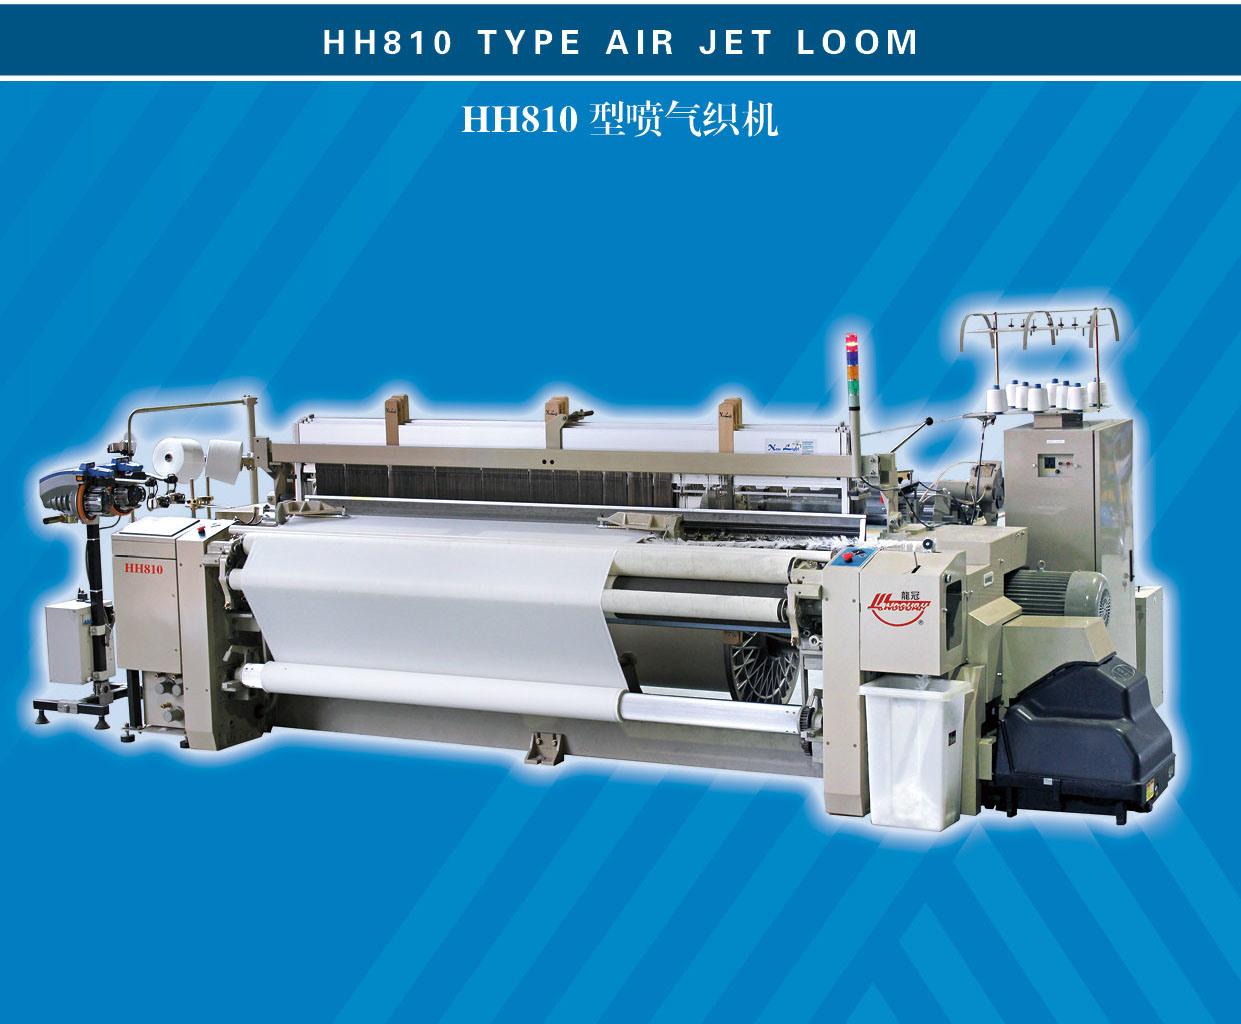 Hh810 Air Jet Loom (textile machine)